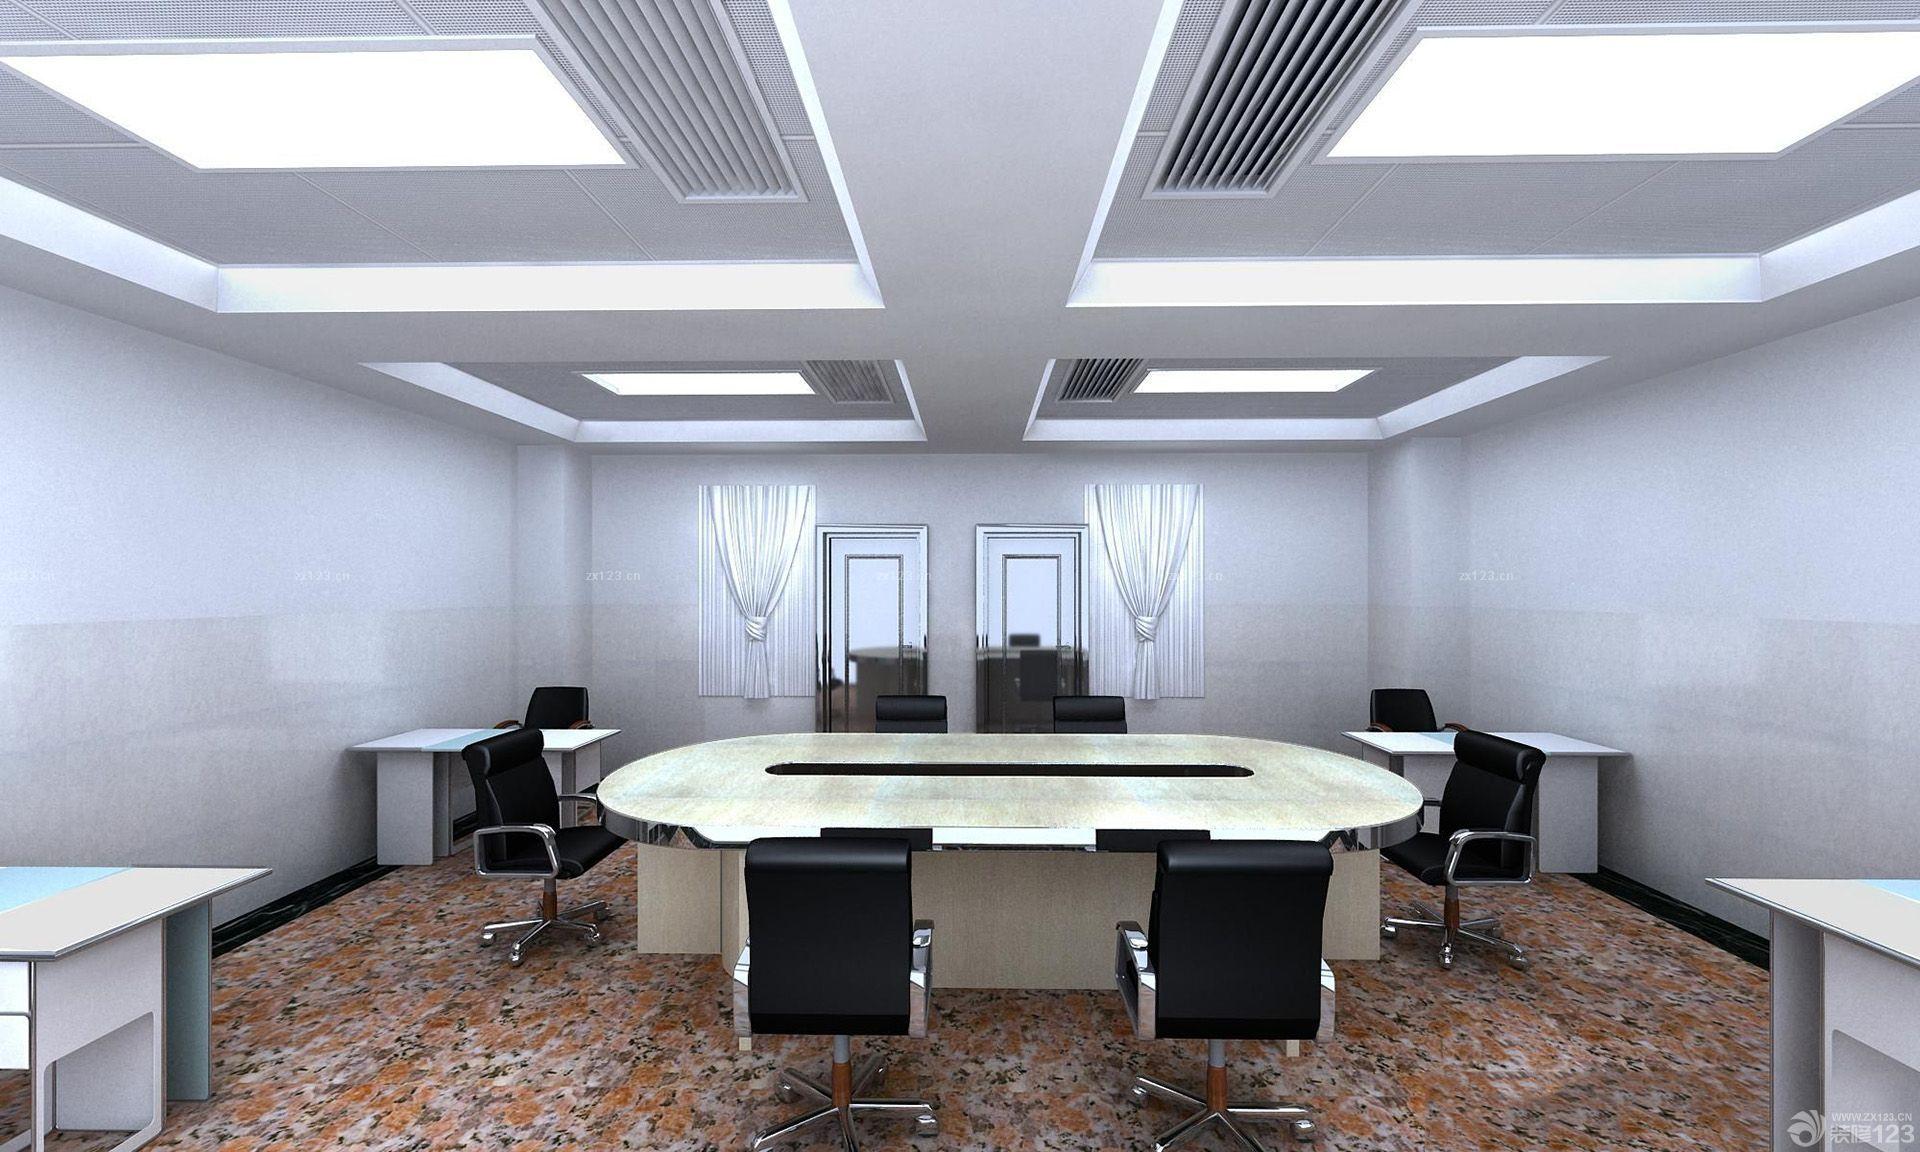 80平米办公室浅黄色木地板装修效果图